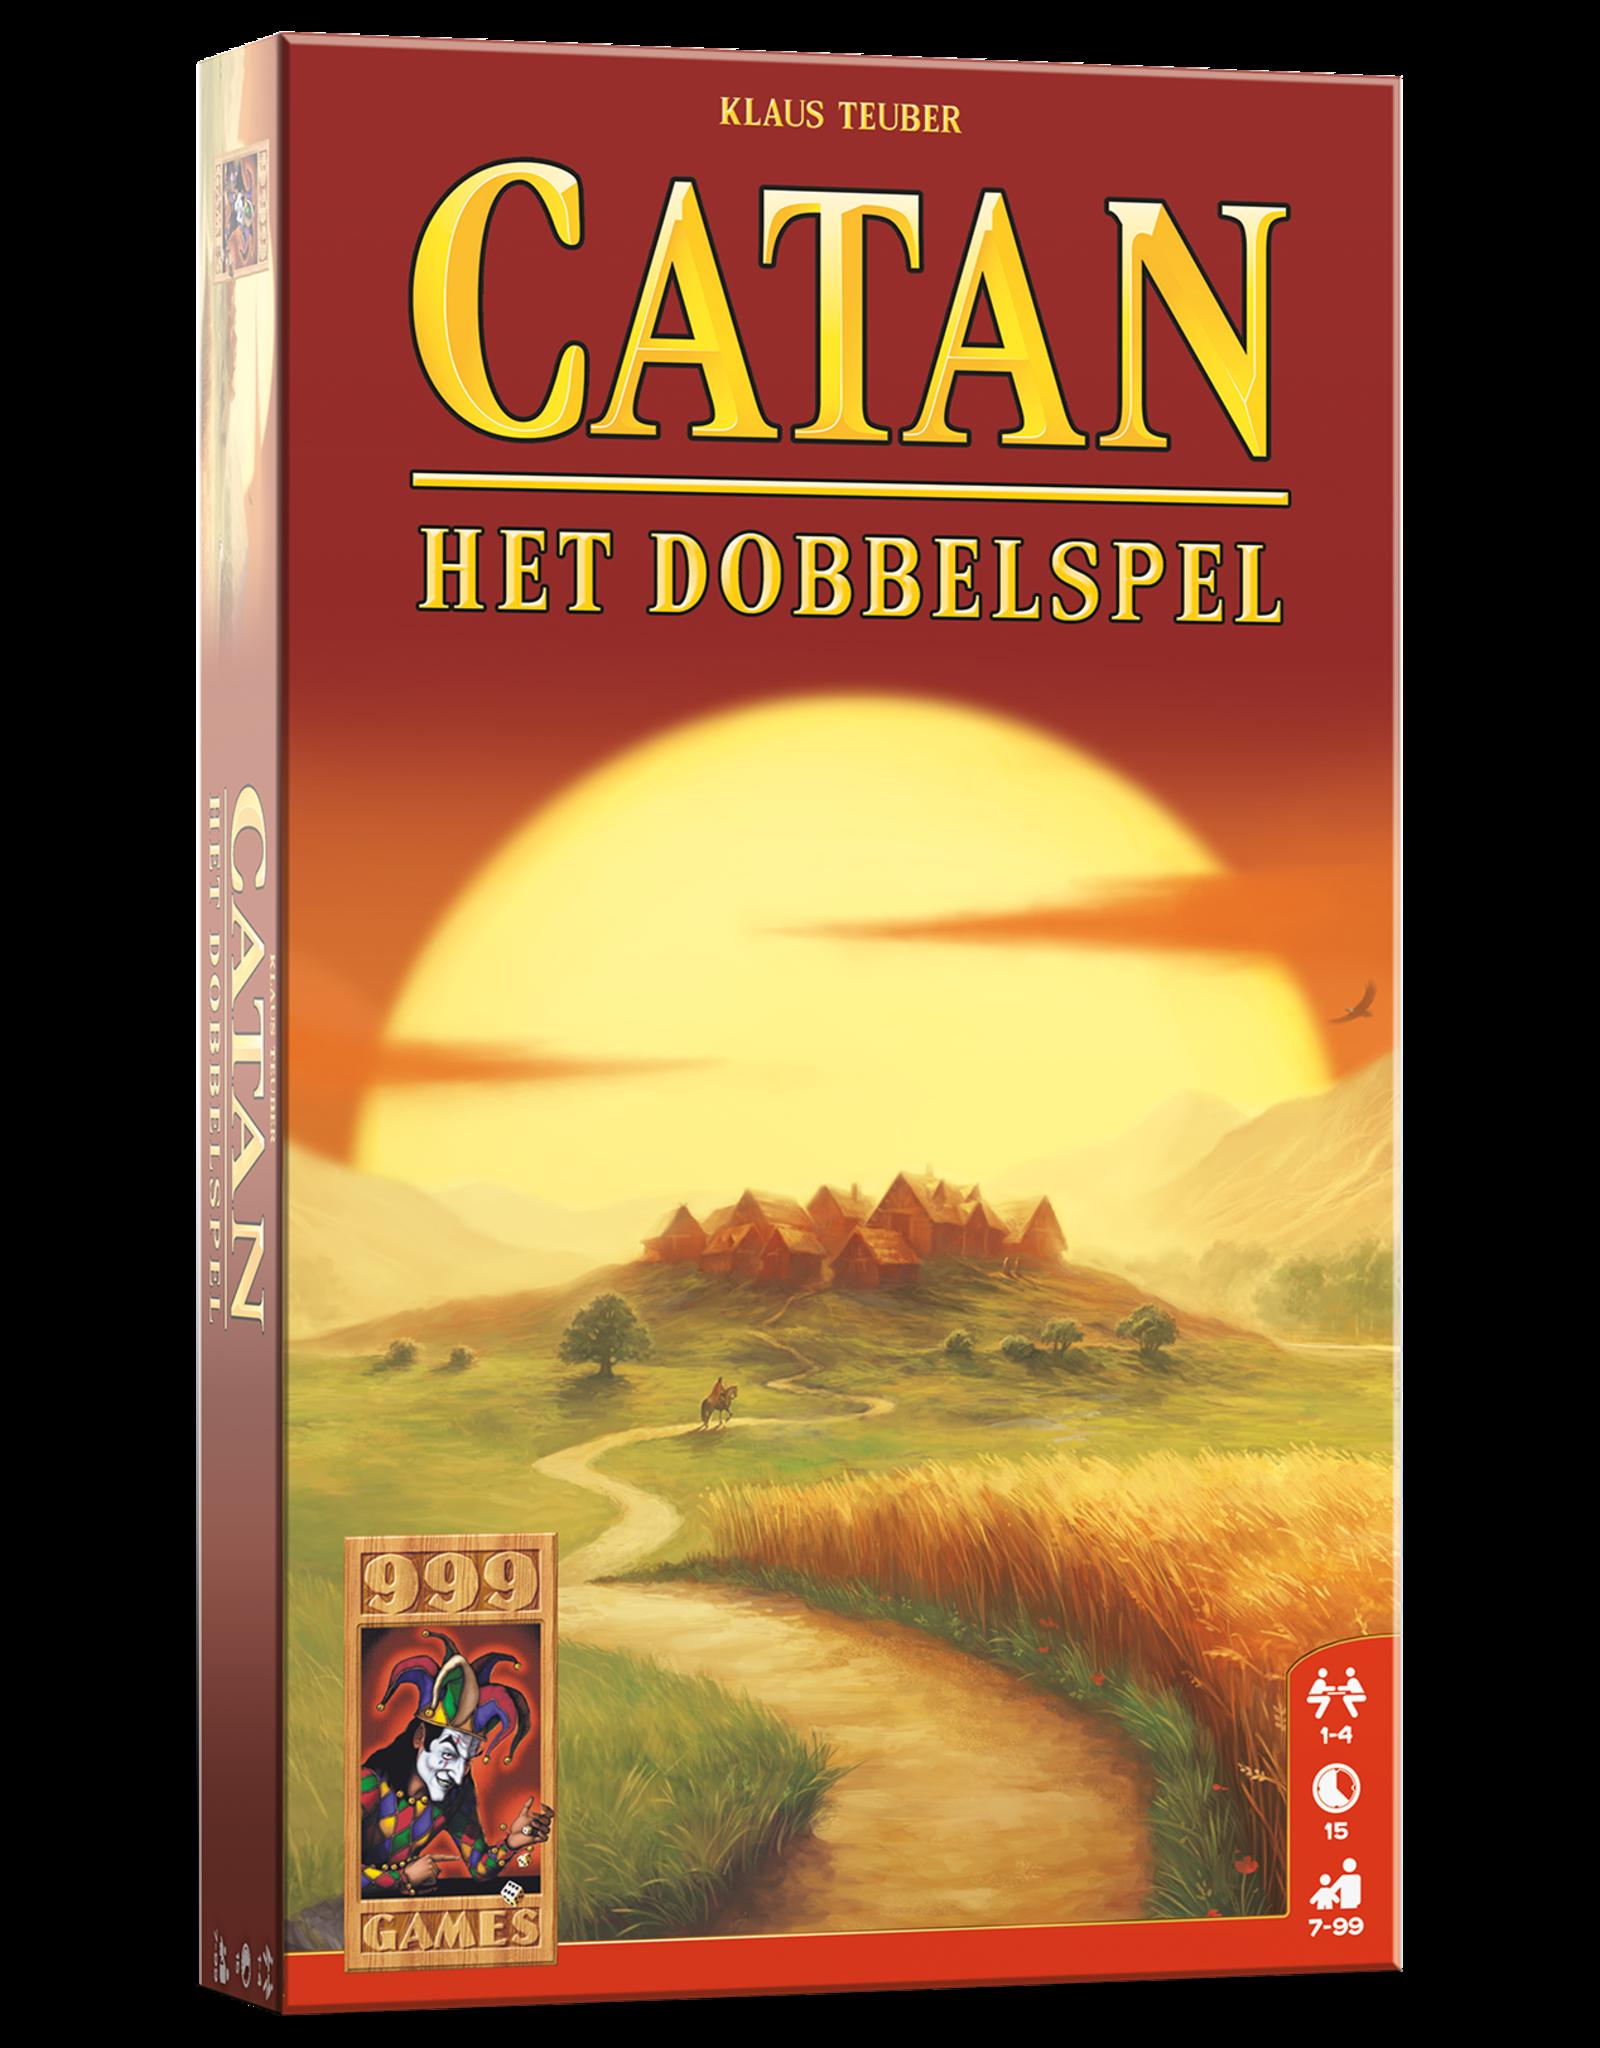 999 Games Catan: Het Dobbelspel